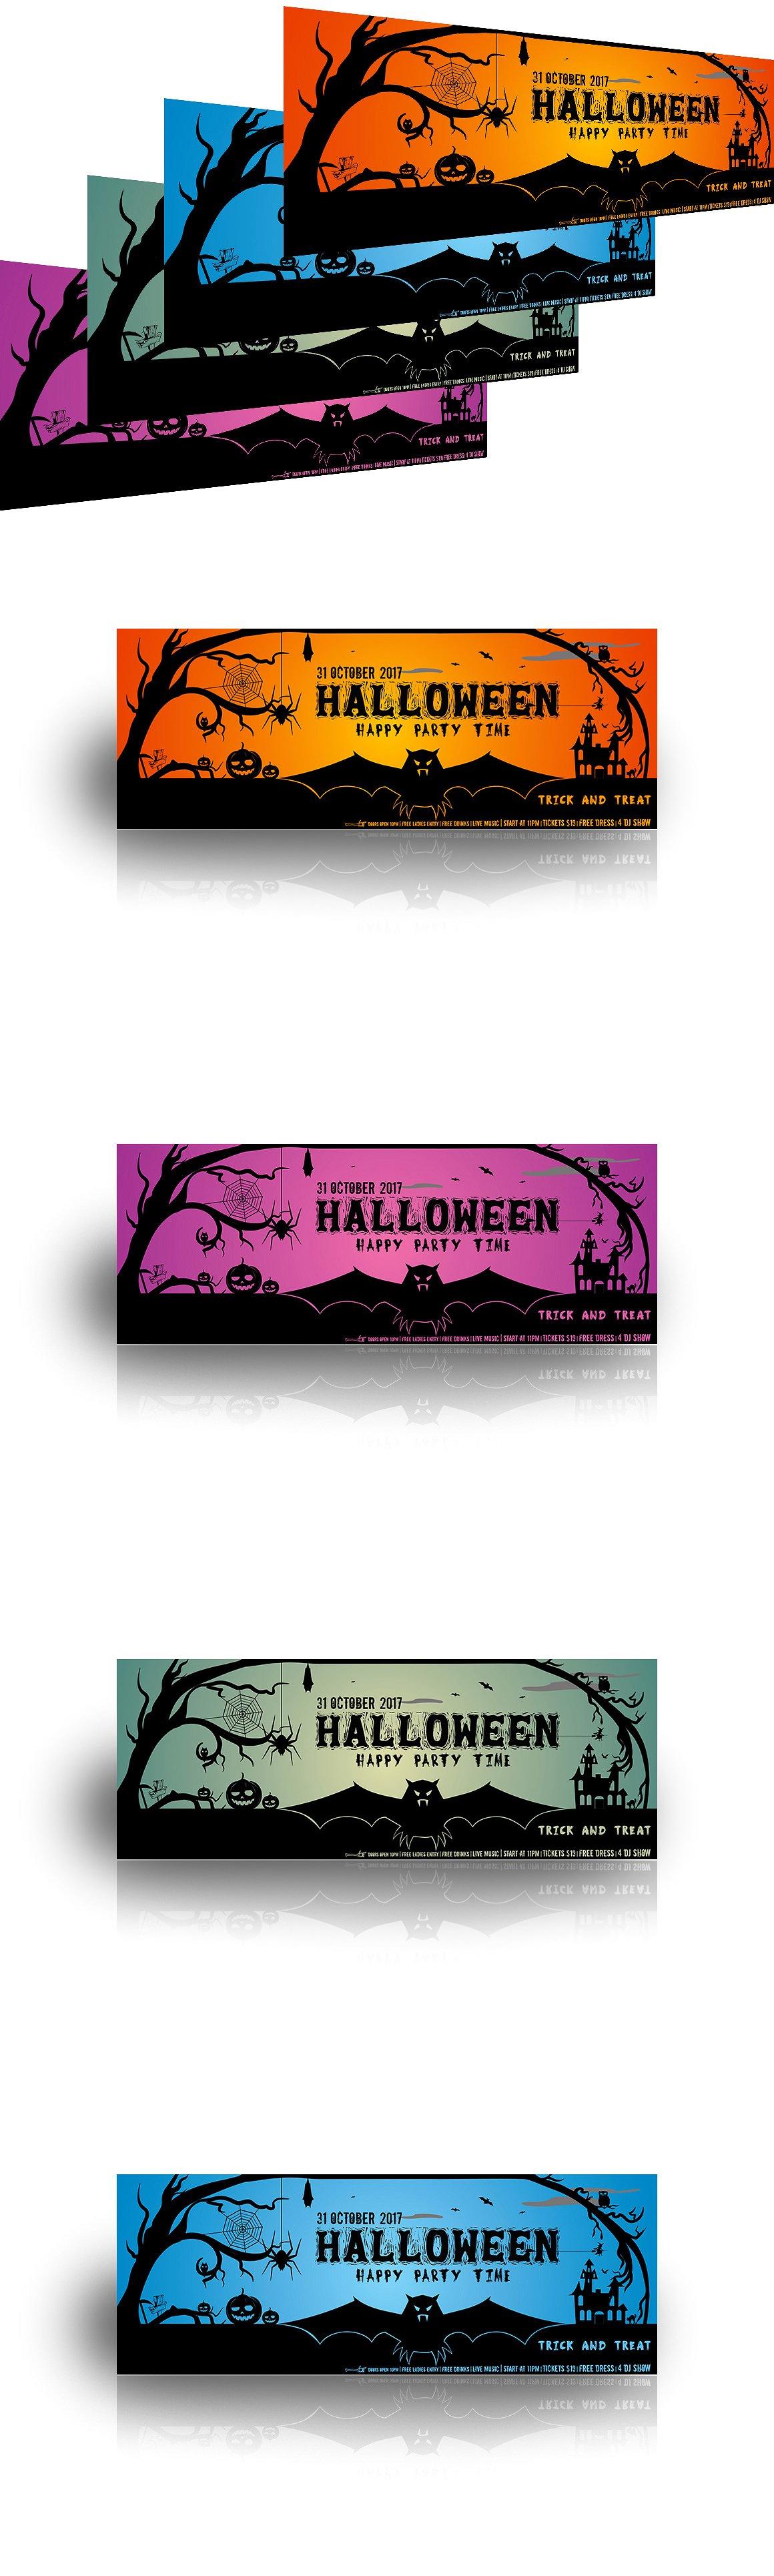 Halloween Party Facebook Cover | Facebook cover template, Social ...